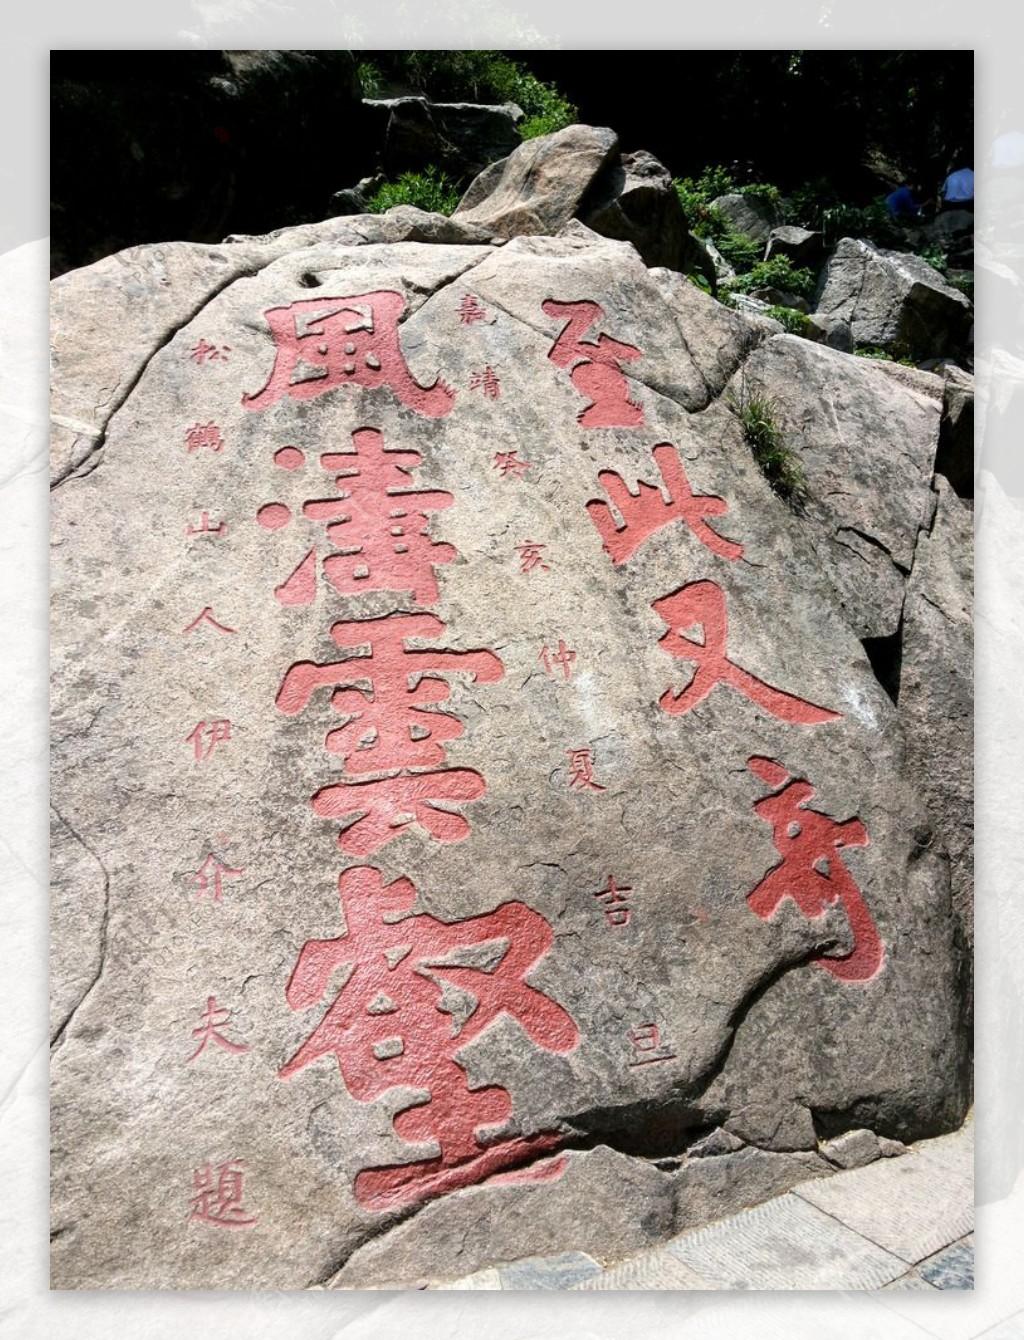 泰山石刻至此又竒风涛云壑图片